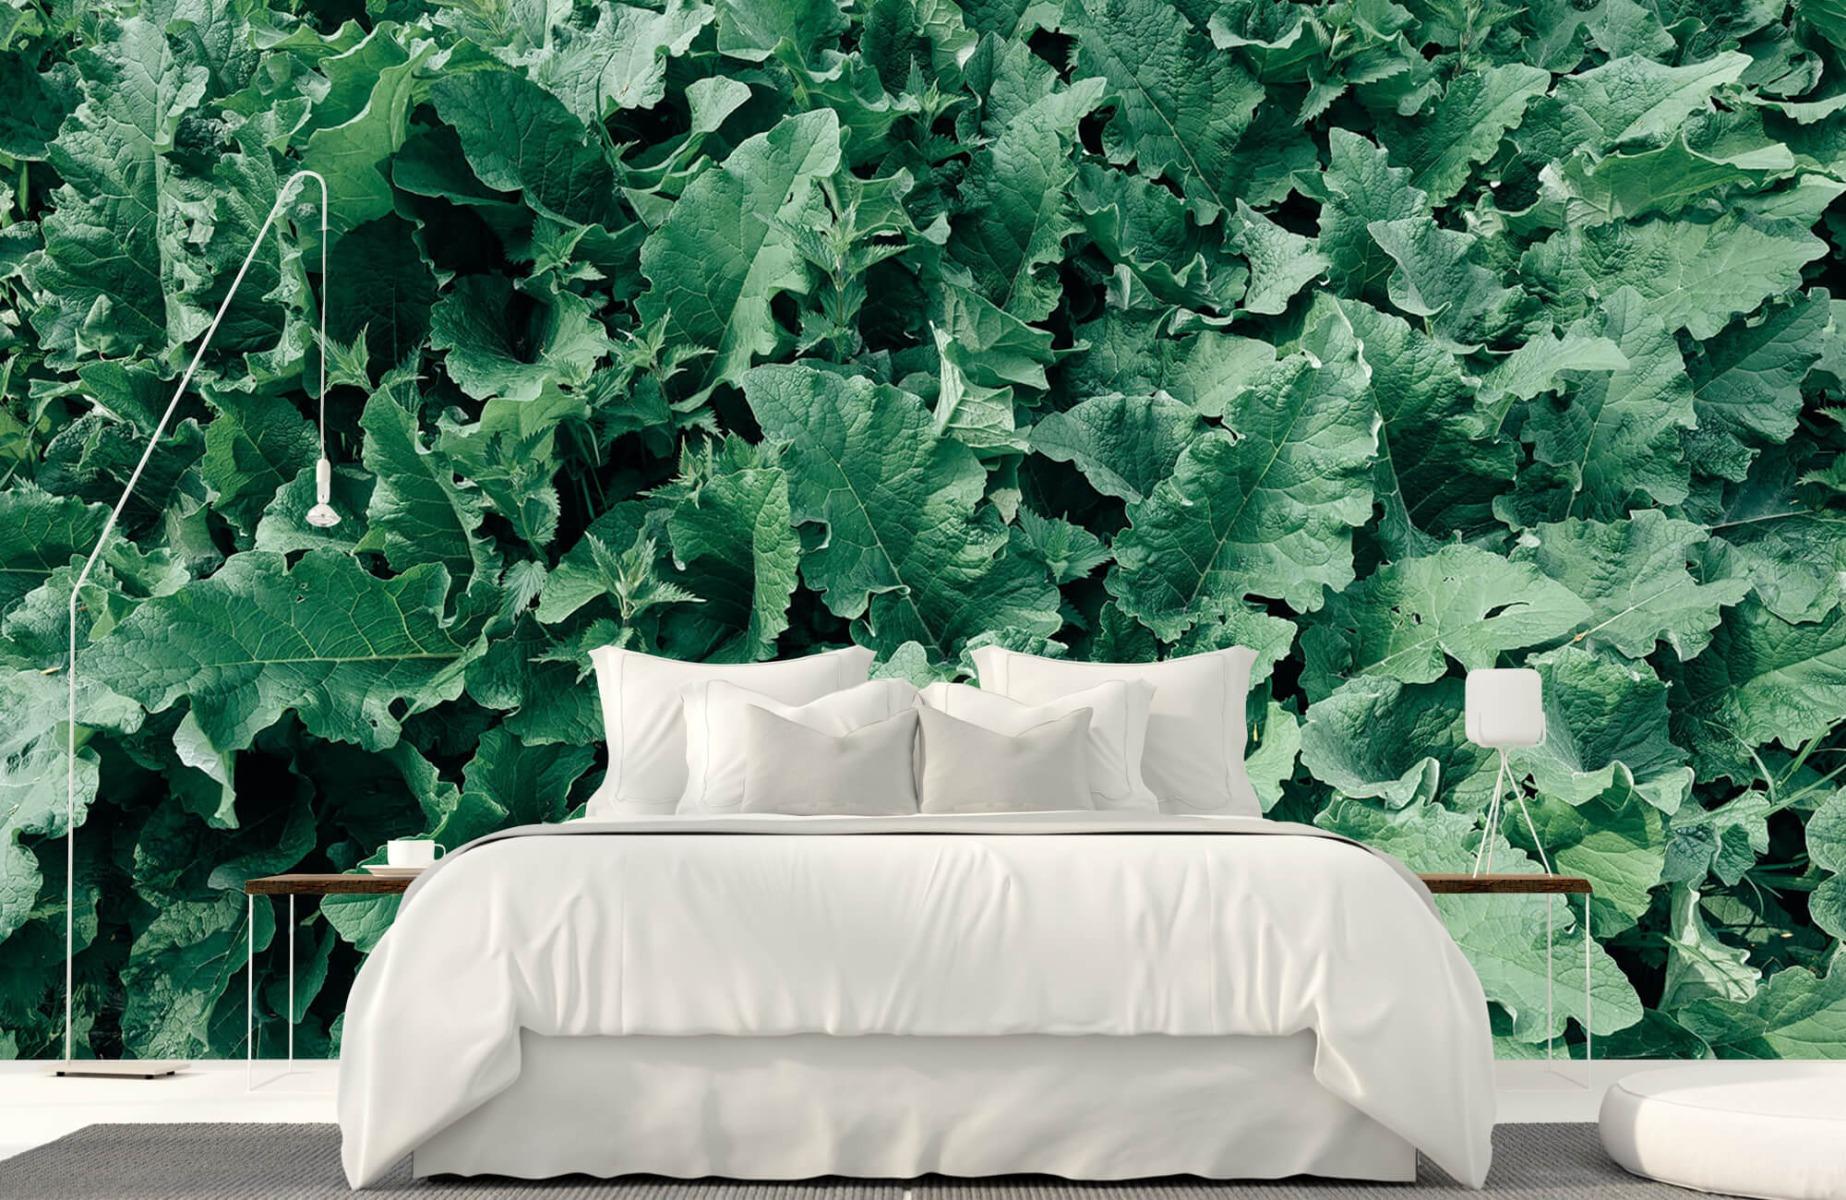 Bladeren - Gedetailleerd groen bladerdek - Wallexclusive - Slaapkamer 16